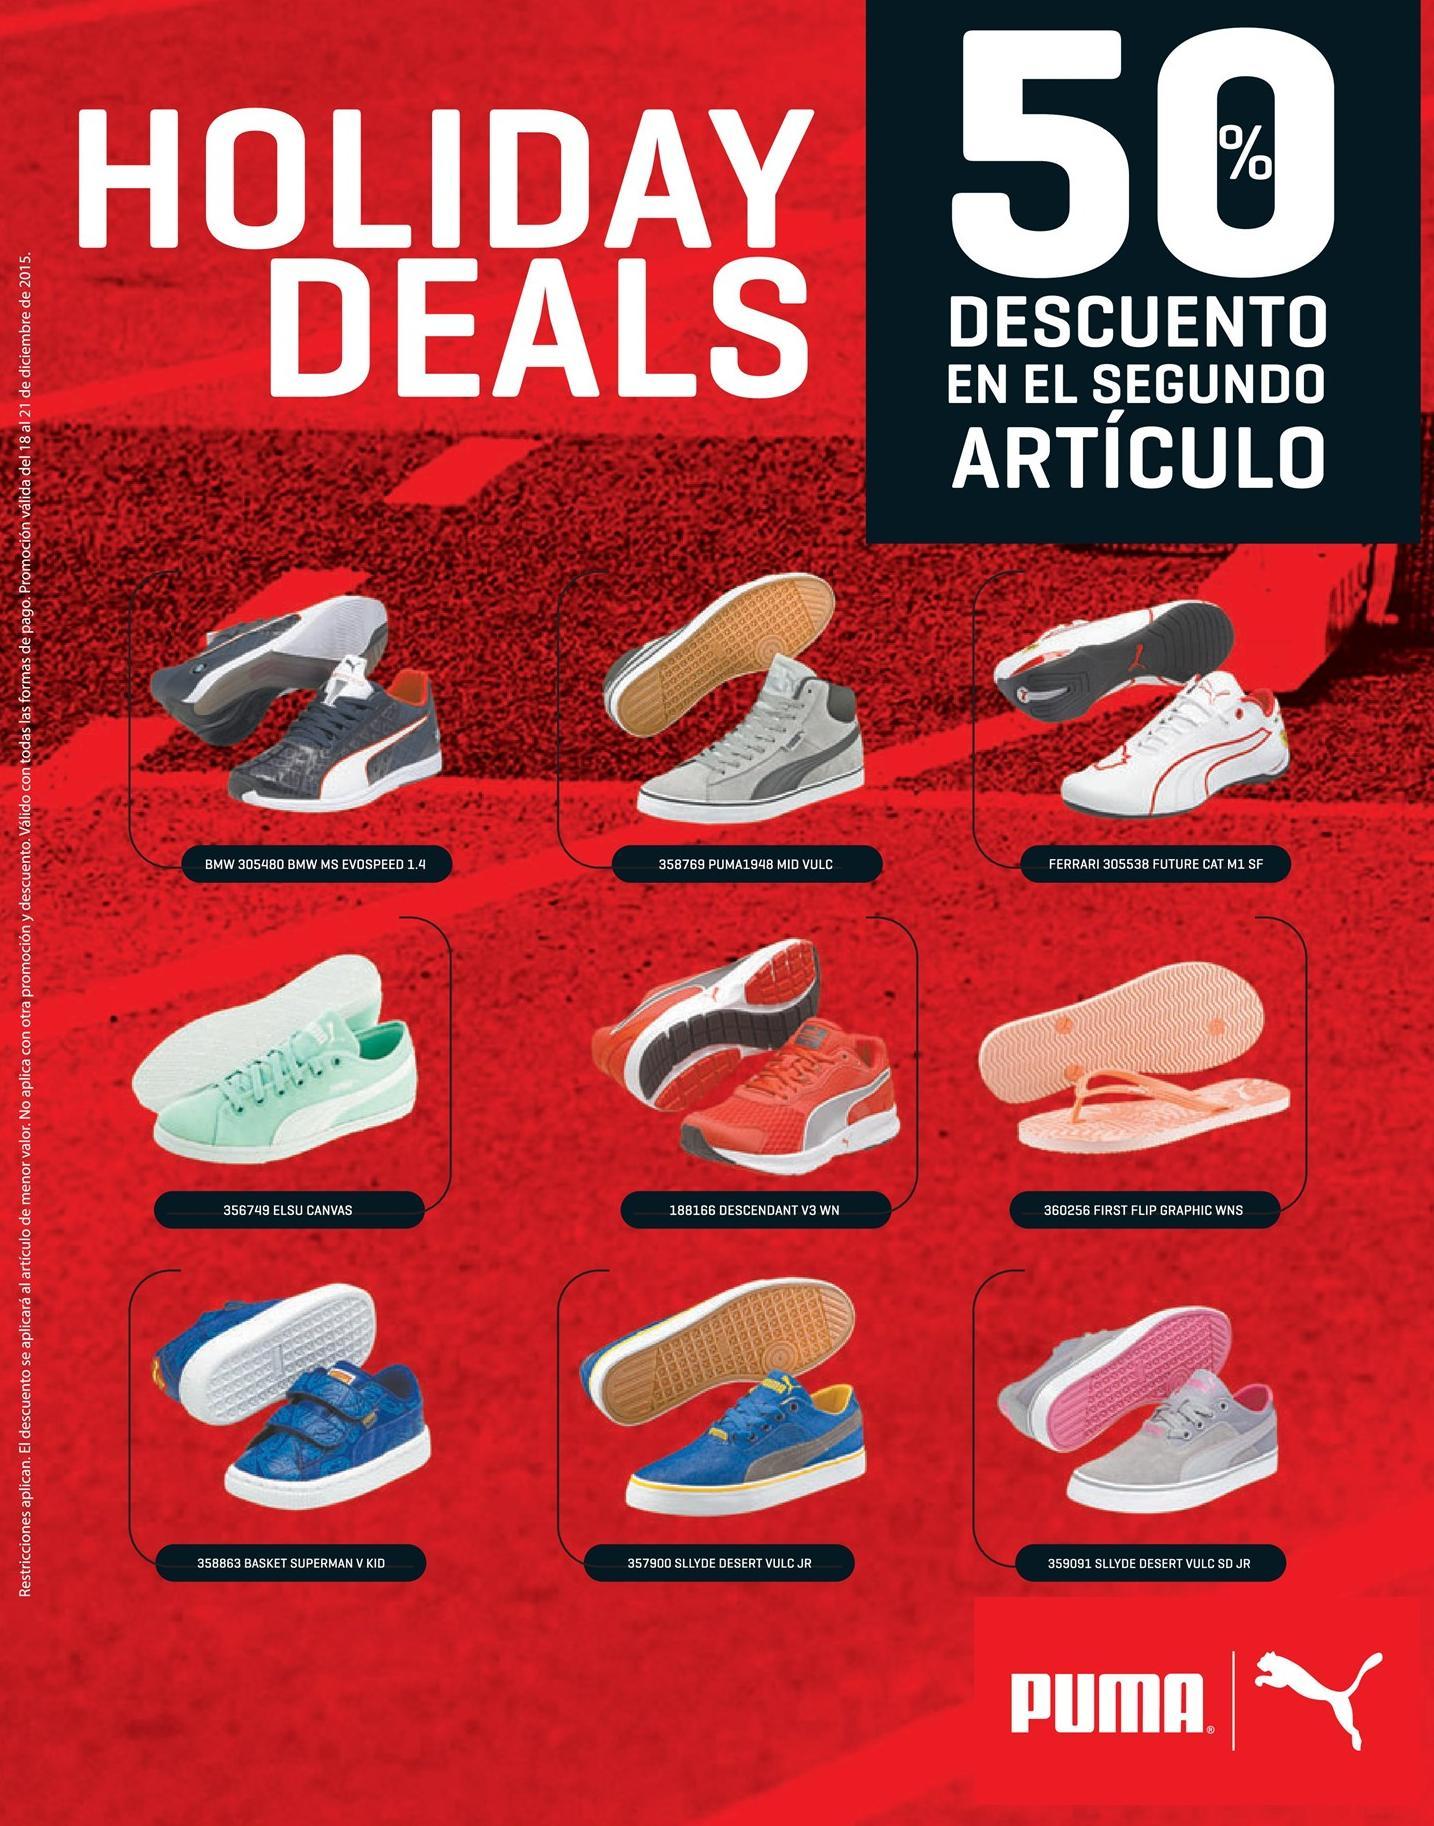 PUMA sport shoes 50 OFF holidays deals for christmas season